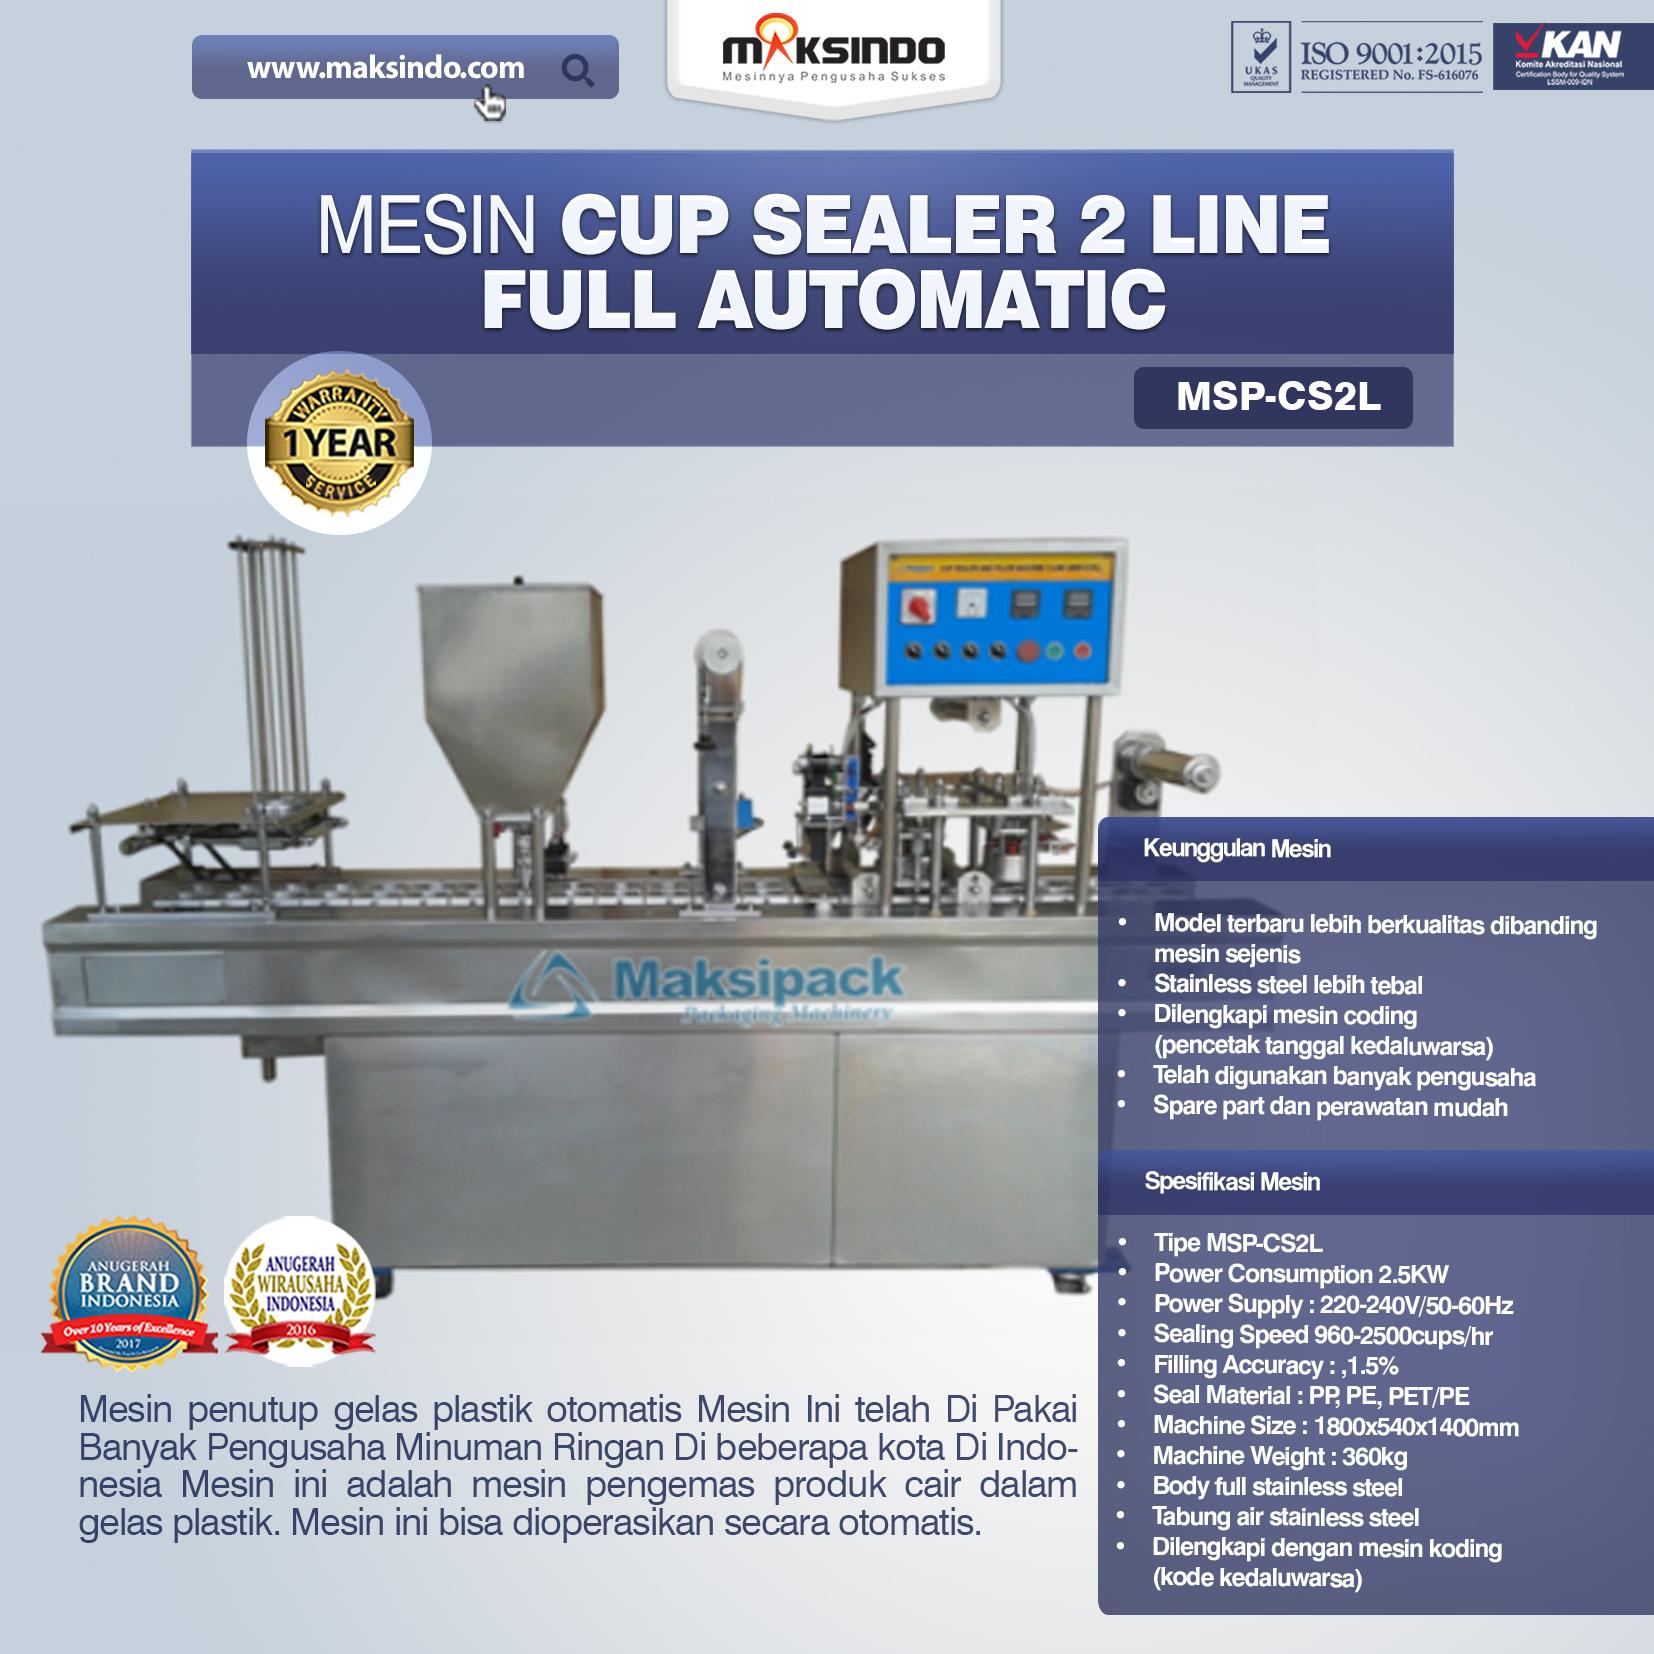 Jual Mesin Cup Sealer Otomatis 2 line dan 4 line di Yogyakarta